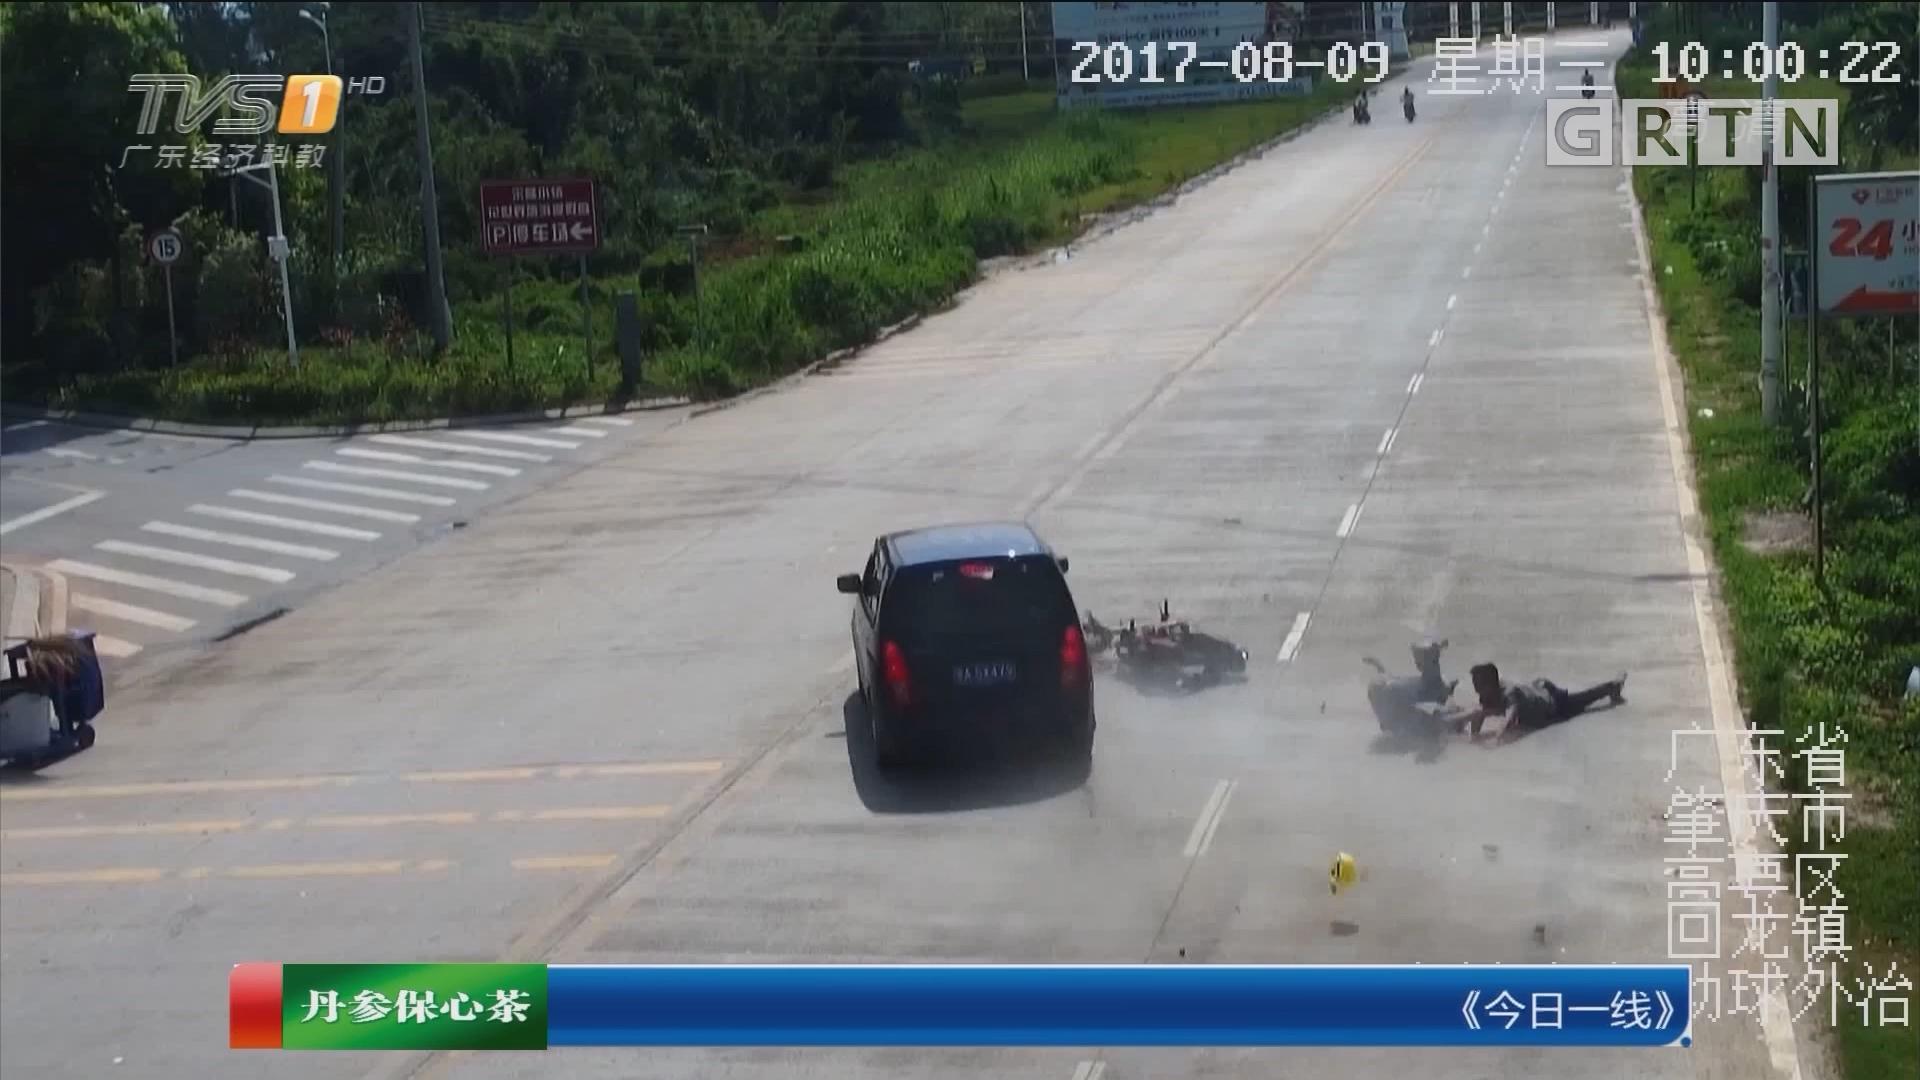 肇庆高要:摩托被小车撞飞20米 街坊齐施救